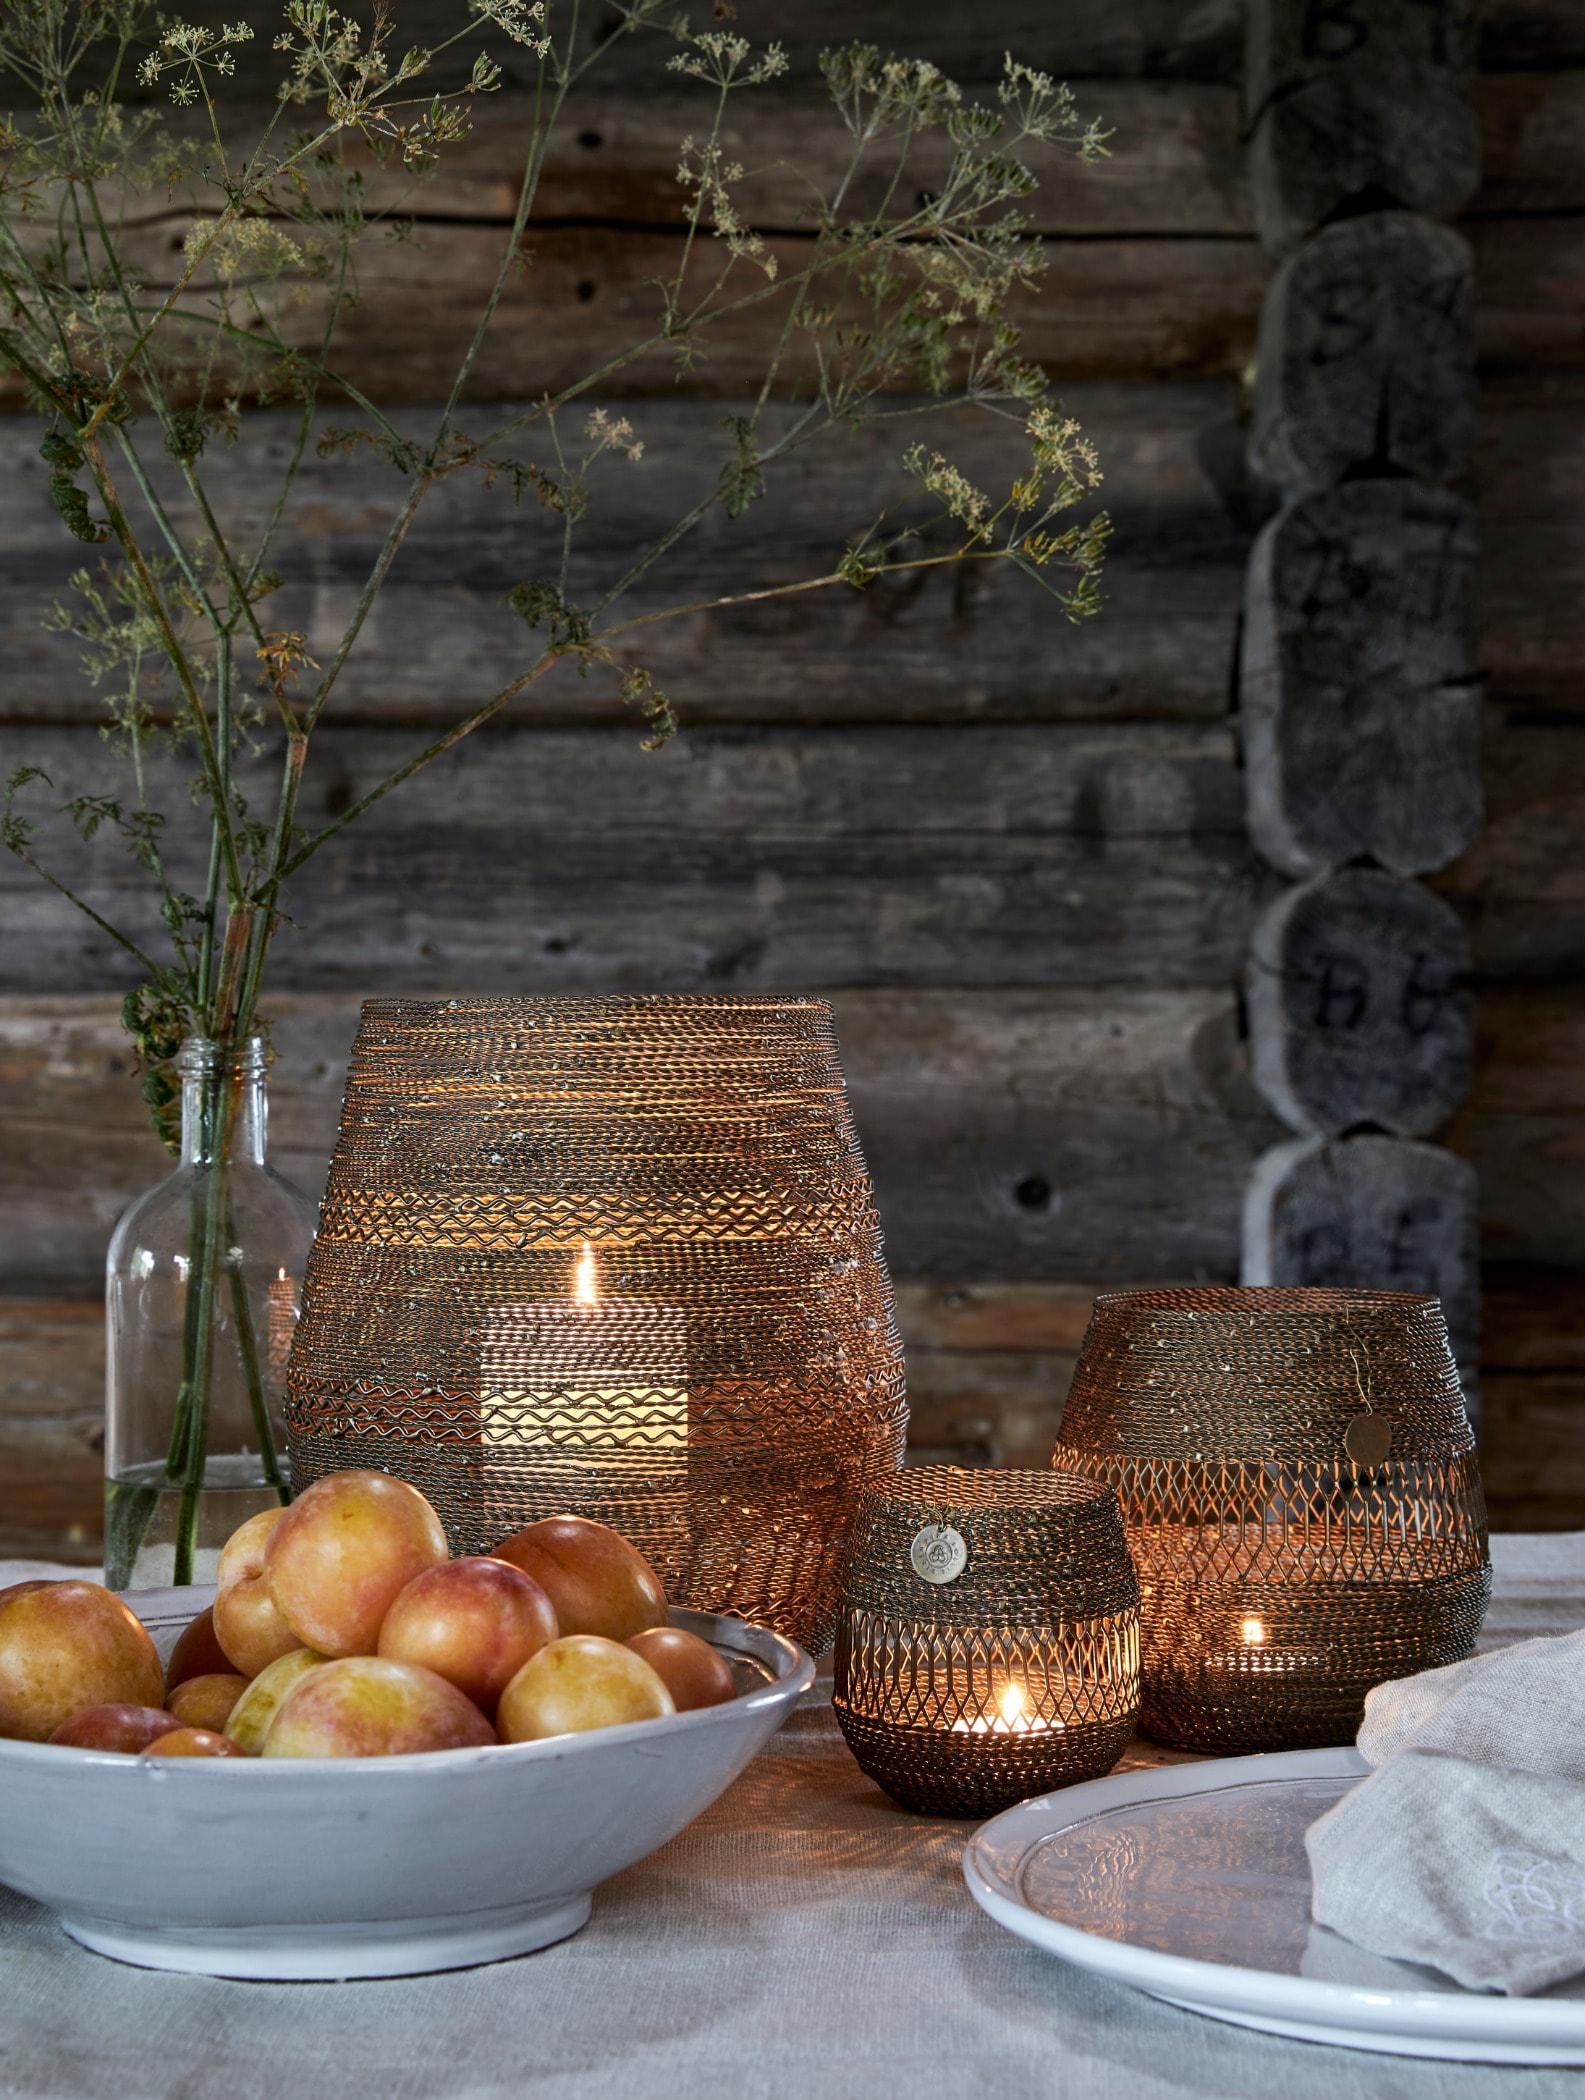 Still life, Basket